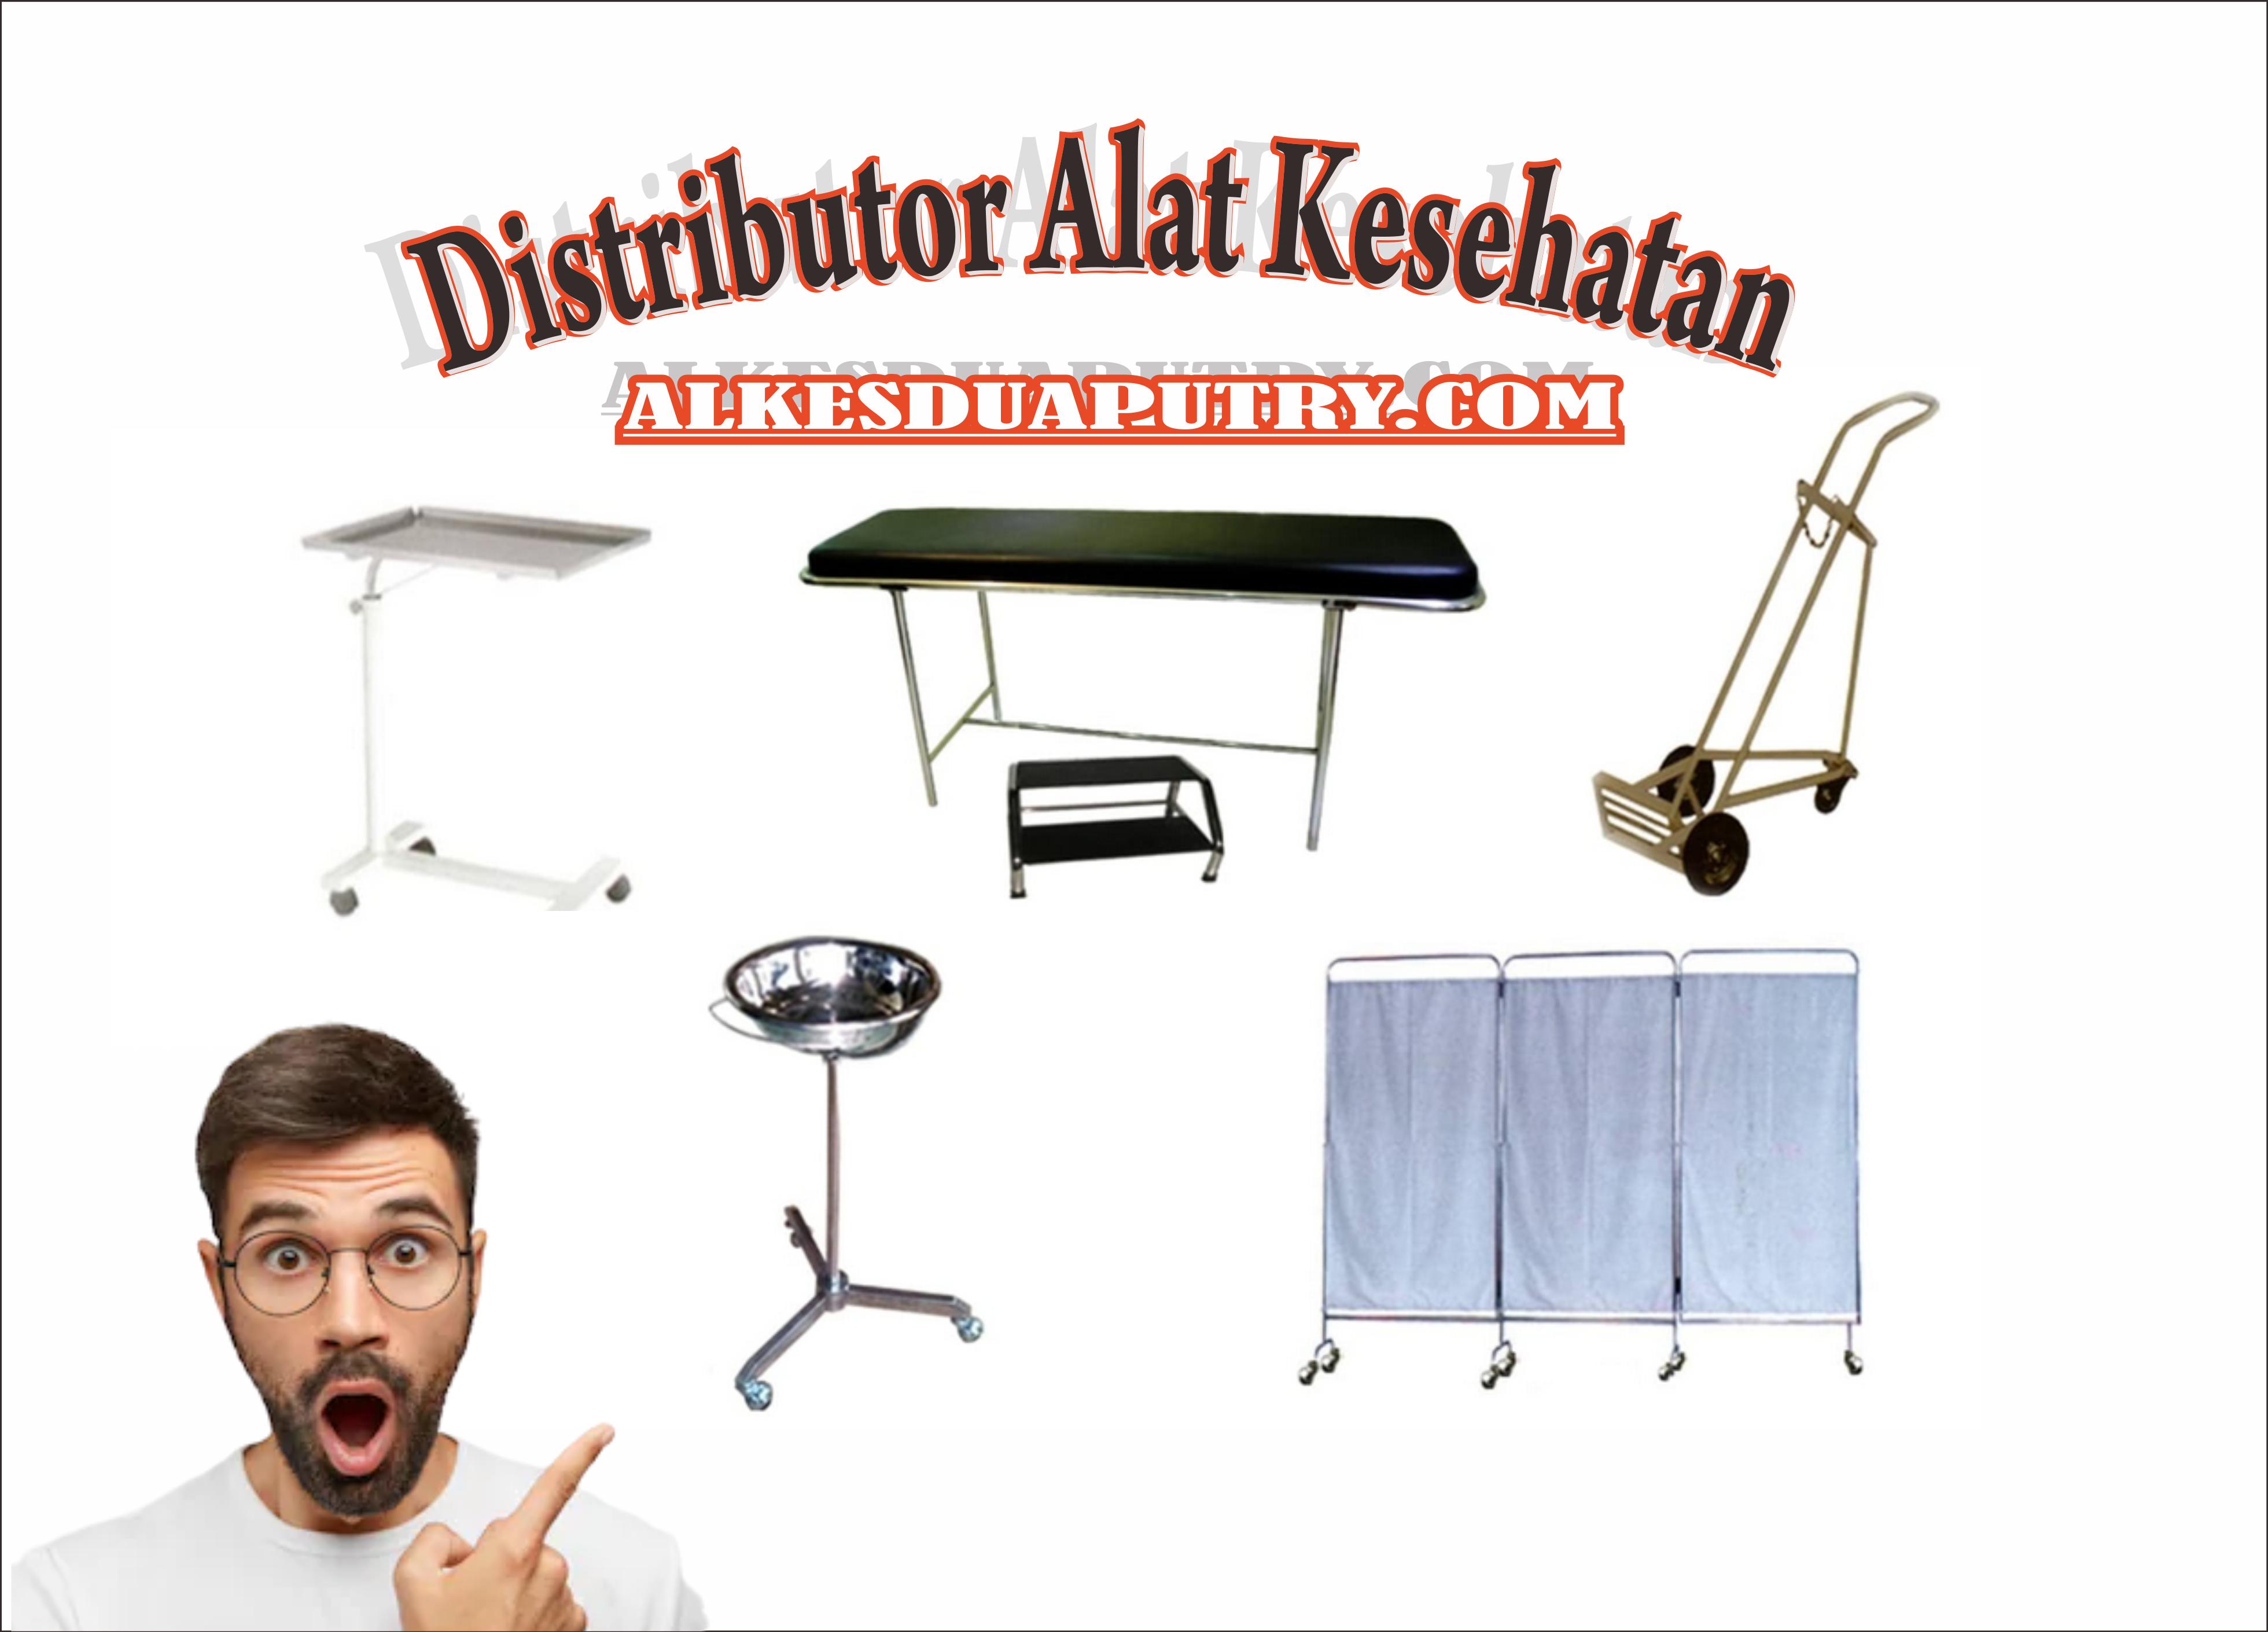 DISTRIBUTOR ALAT KESEHATAN